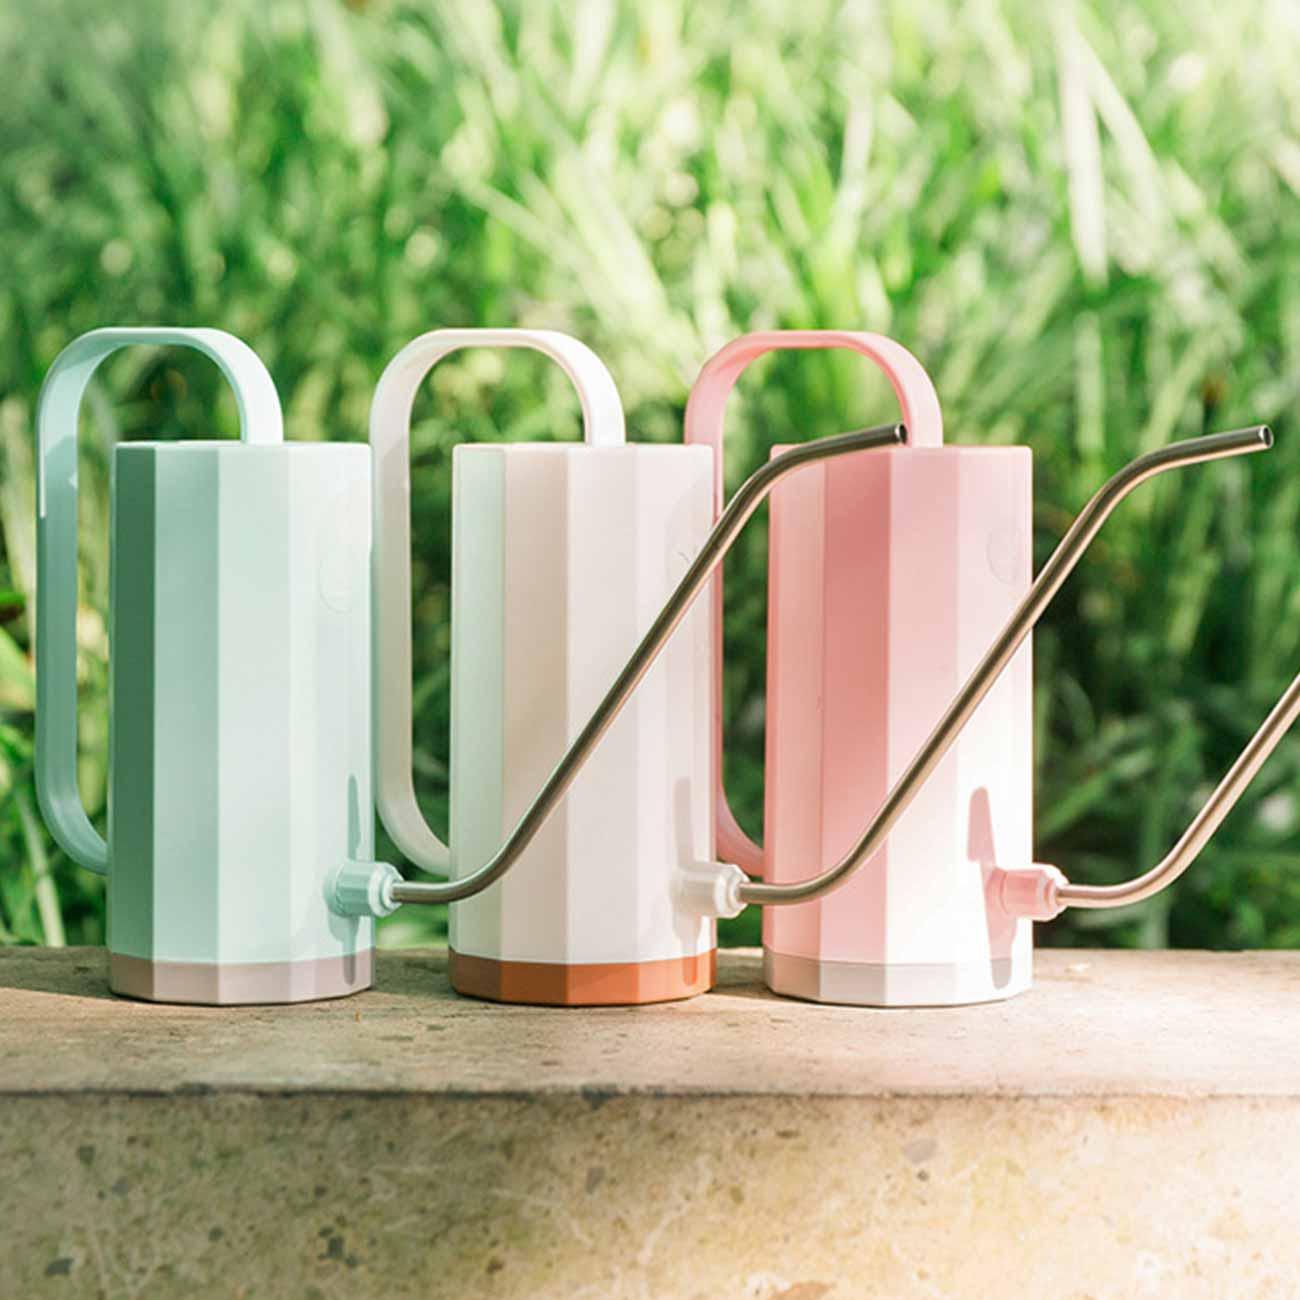 Поливочная банка для рота, практичный пластиковый распылитель для цветов, 1,2 л, ручка для садоводства, чайник для домашнего орошения Канистры для воды      АлиЭкспресс